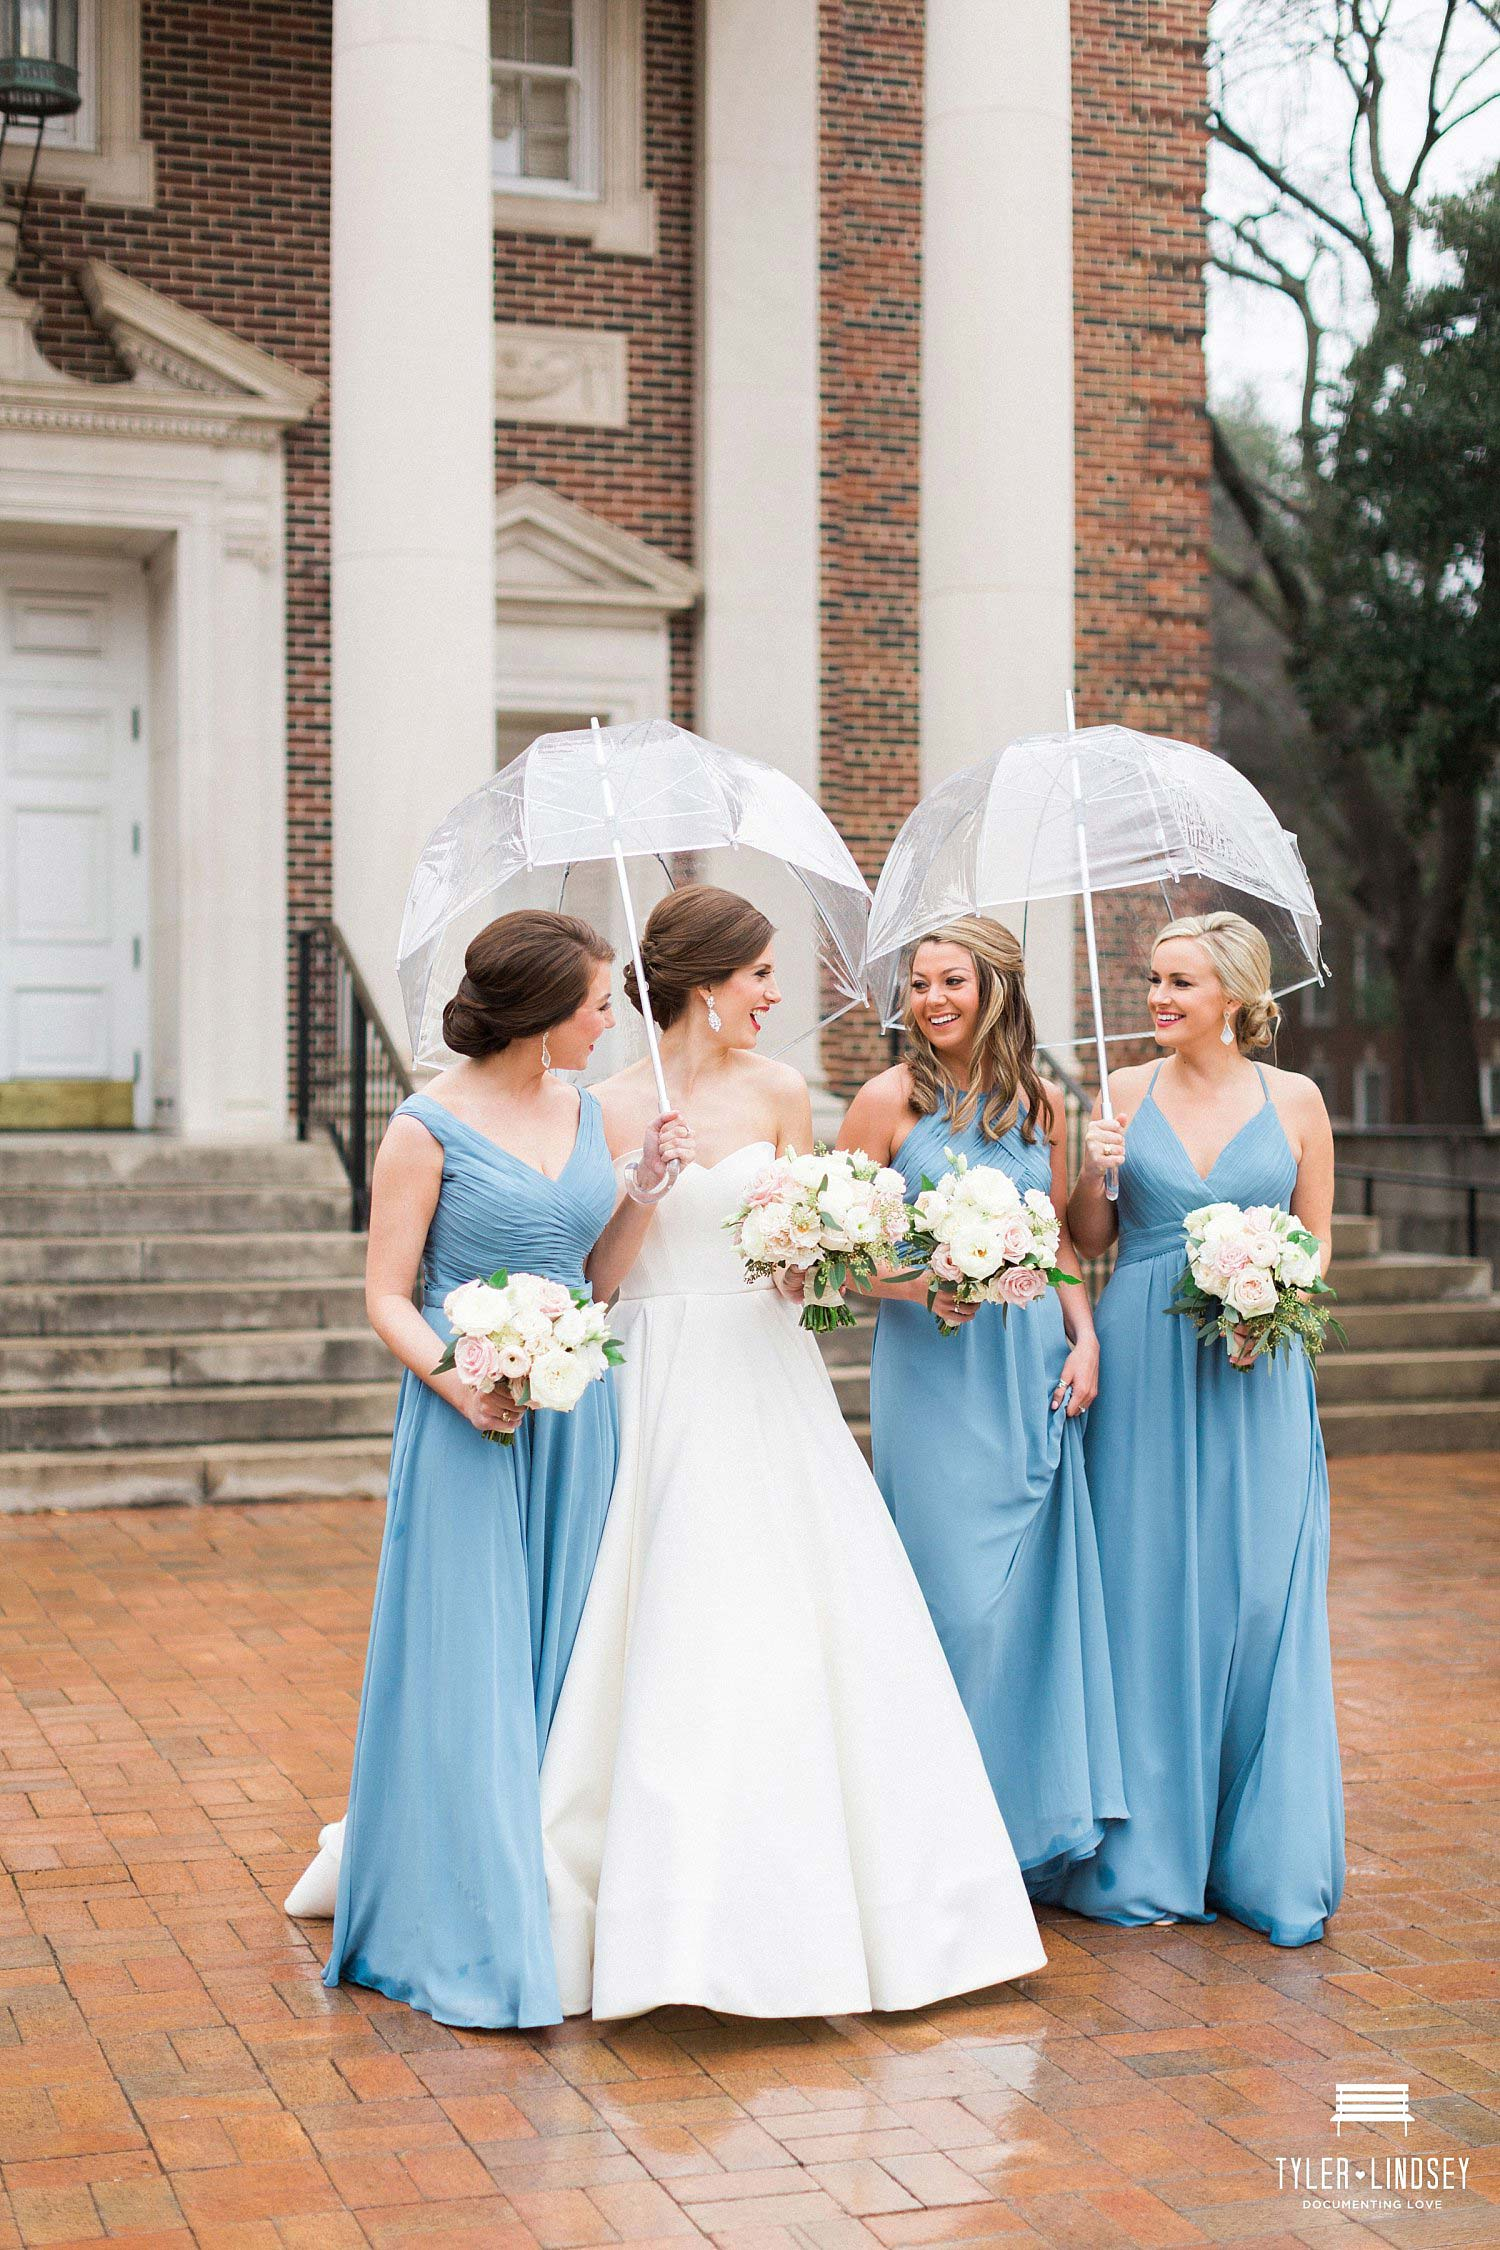 Dallas_Scottish_Rite_Wedding0030.5.jpg